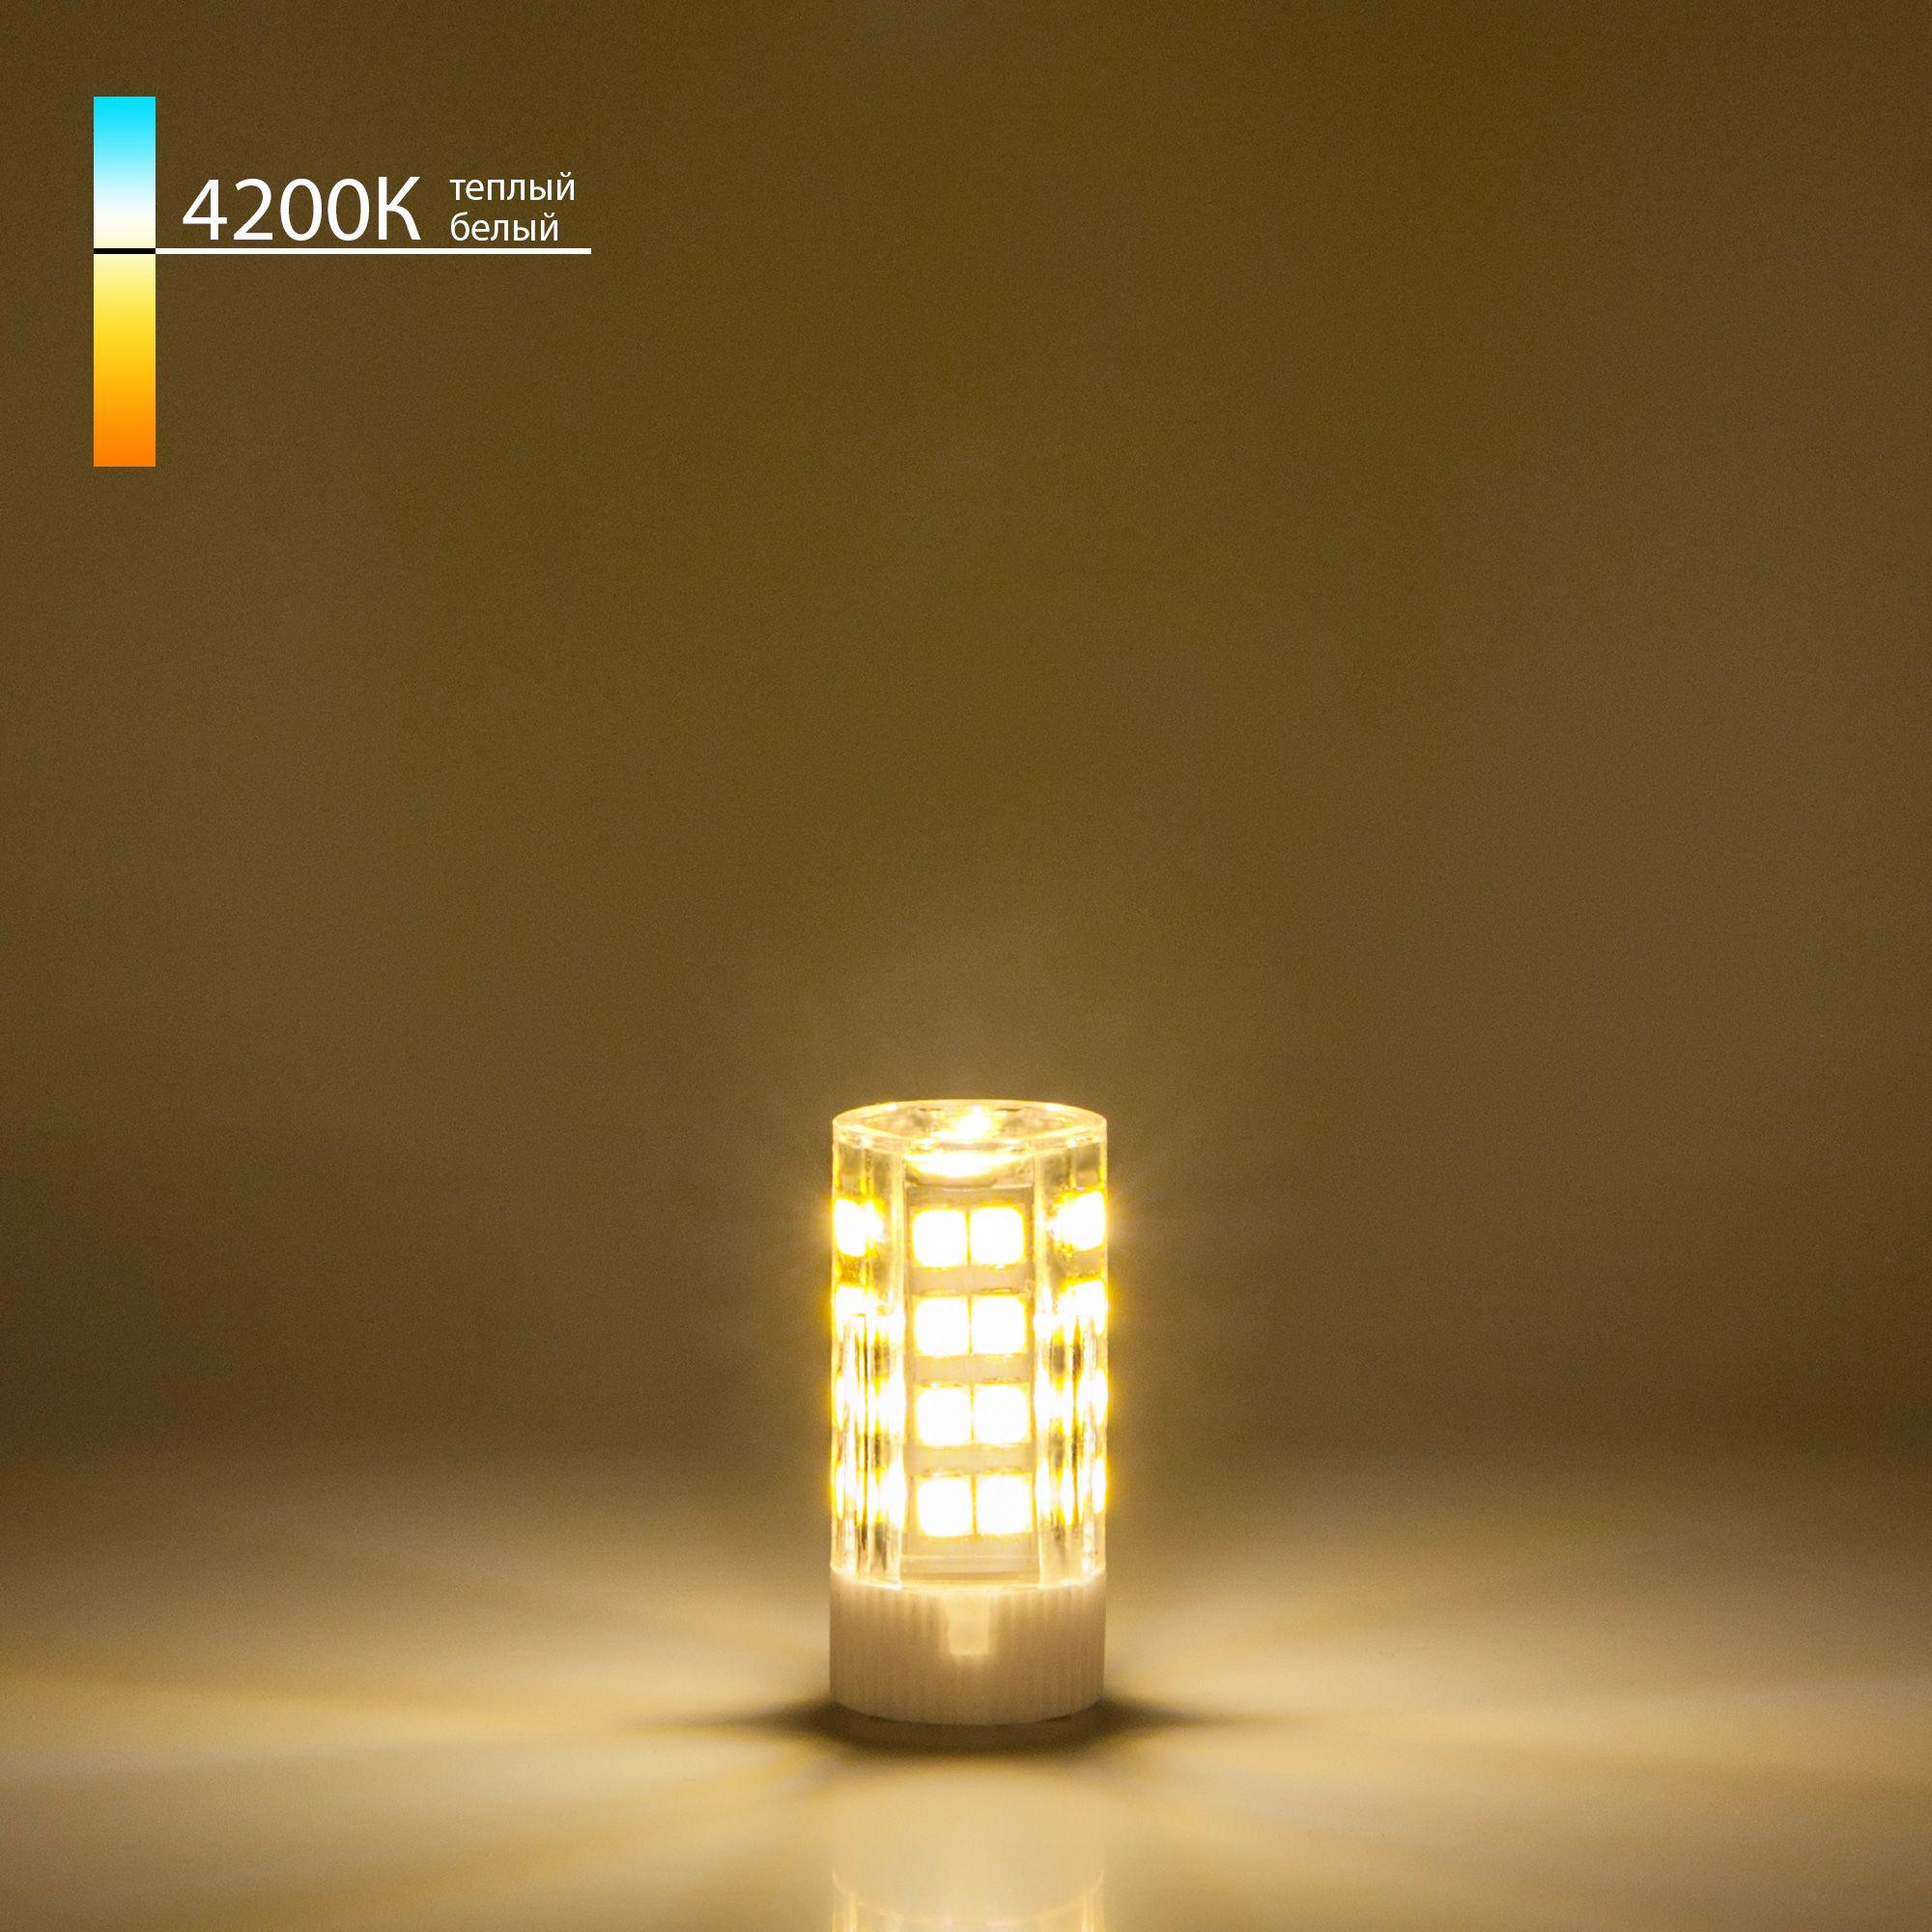 Светодиодная лампа G4 LED BL108 7W 220V 4200K